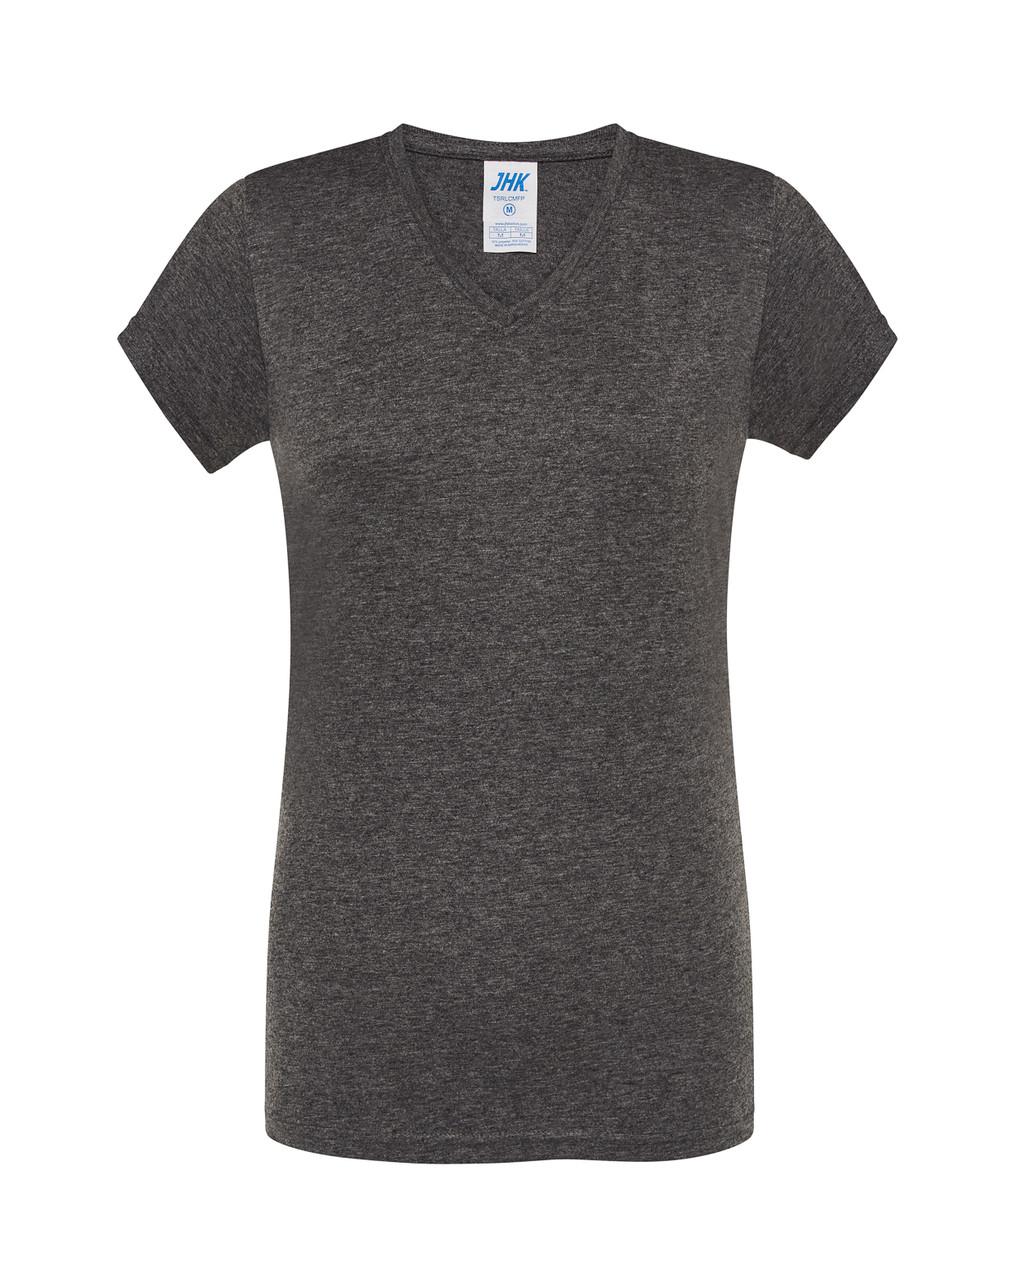 Женская футболка JHK COMFORT V-NECK LADY темно-серый HEATHER (CHCH)